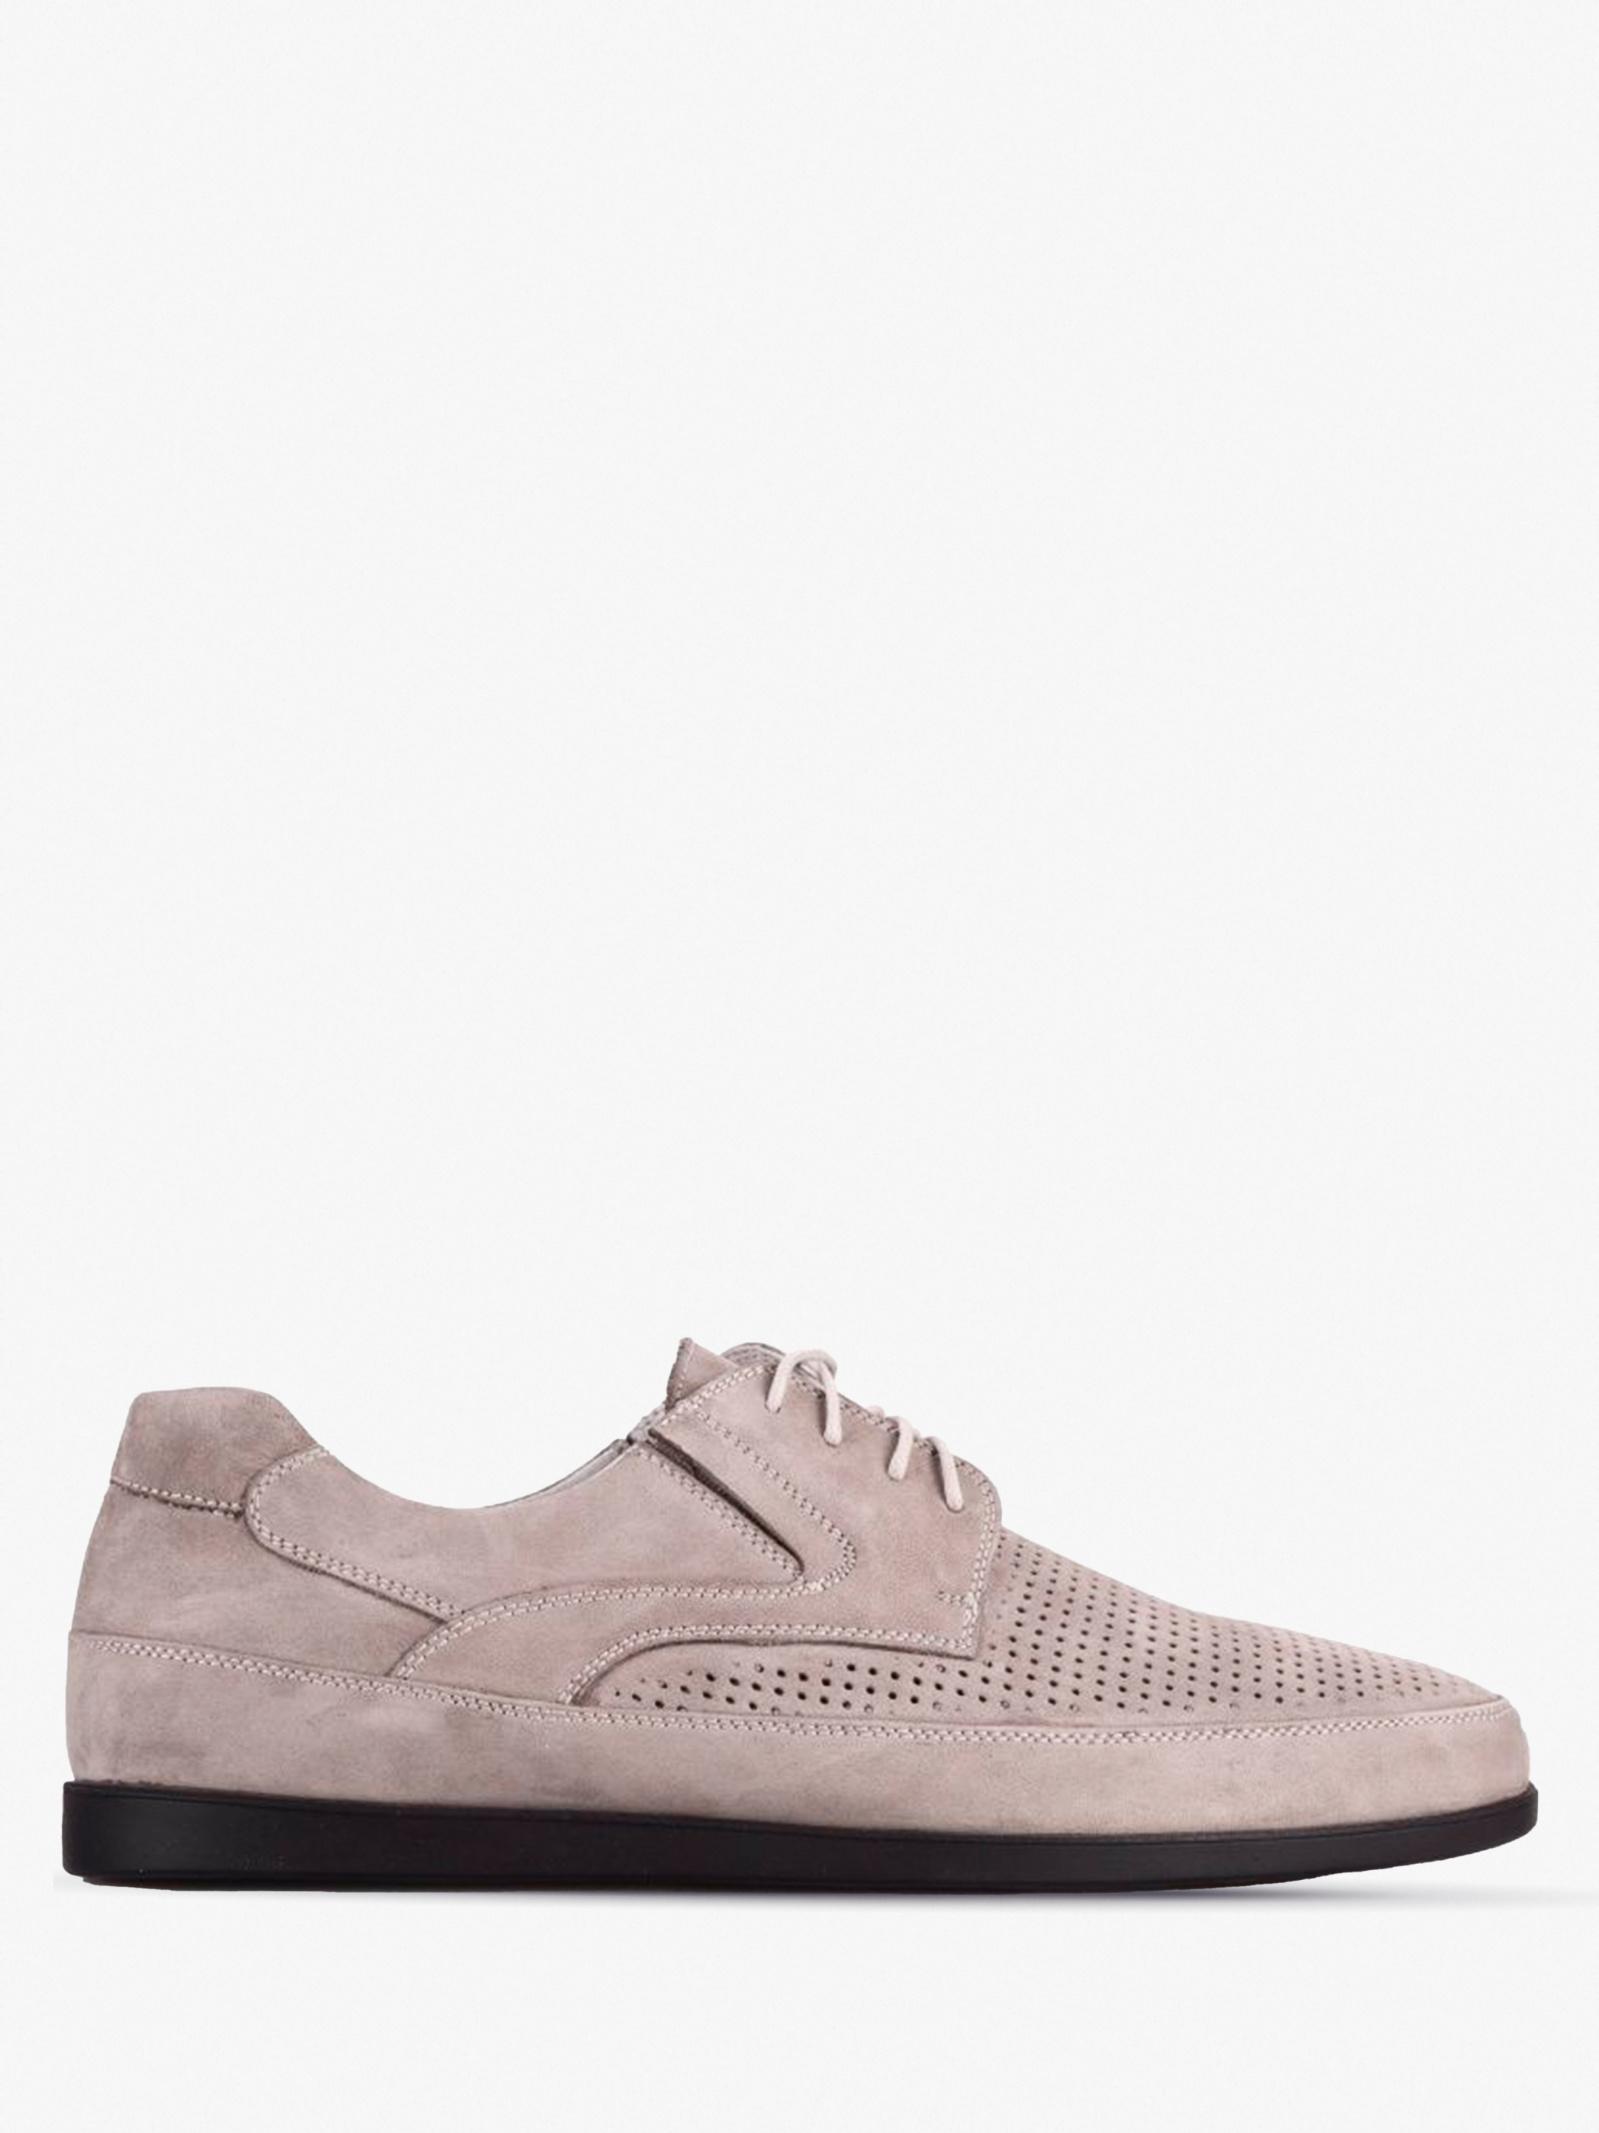 Напівчеревики  чоловічі Braska 924-4131/204 купити взуття, 2017